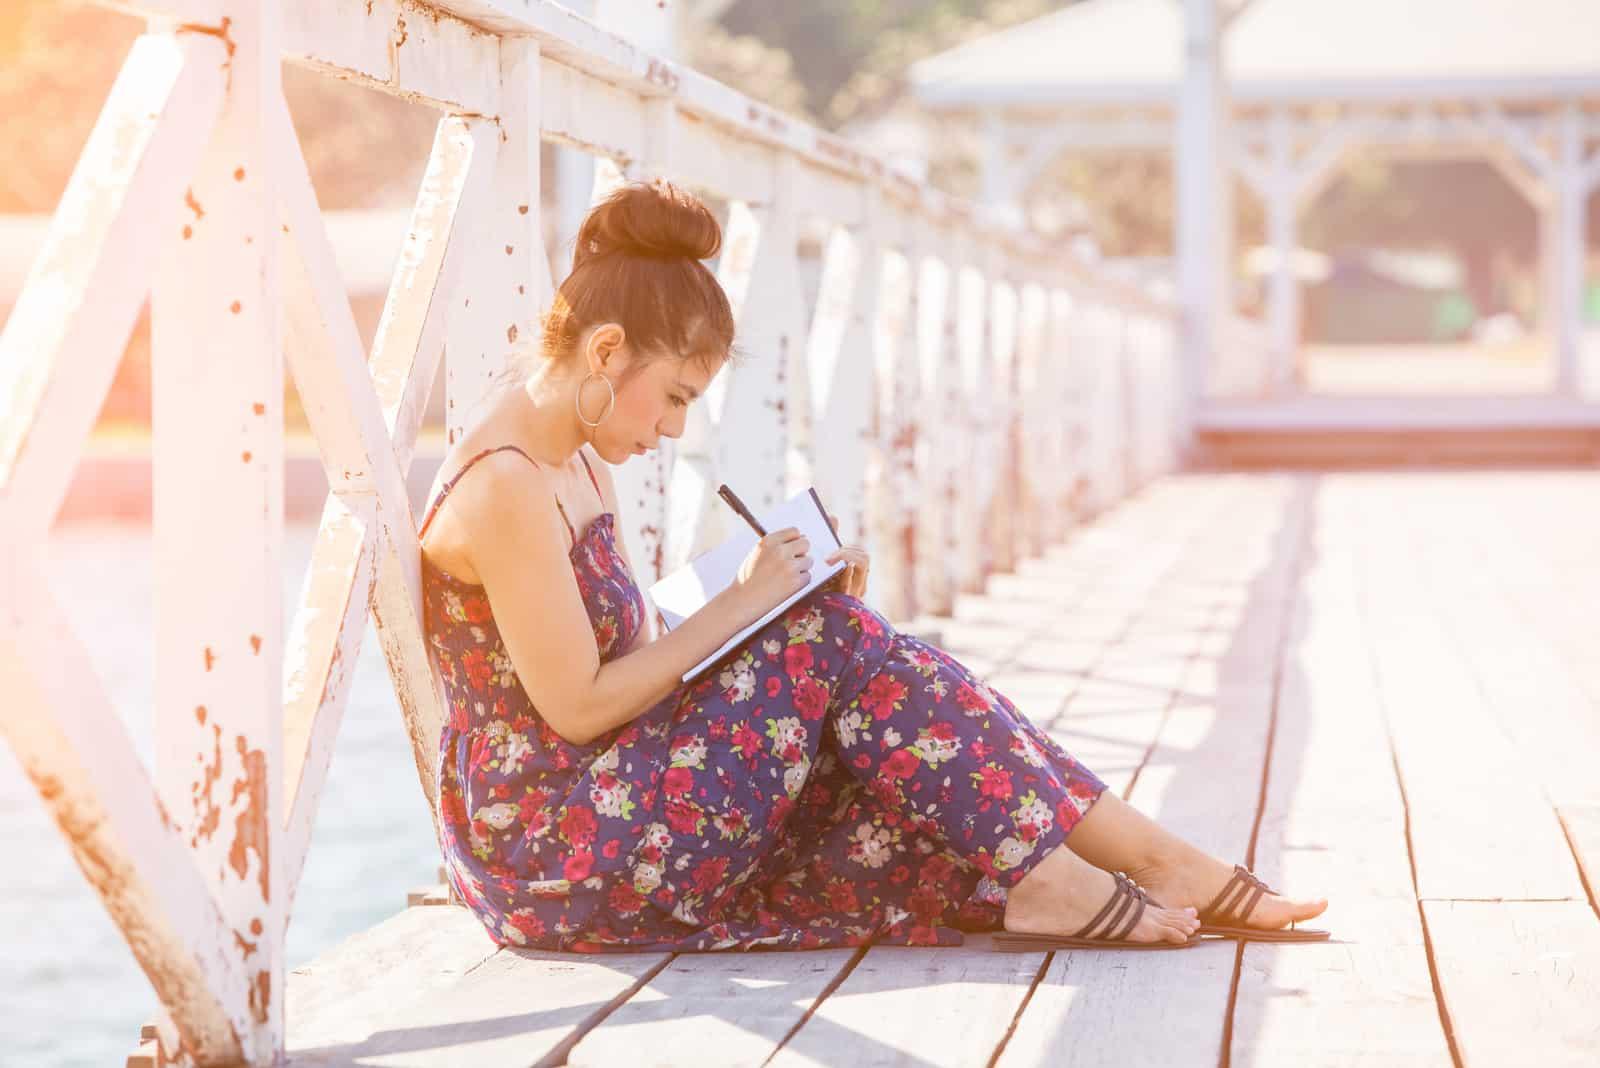 Eine Frau sitzt auf einer Brücke und schreibt